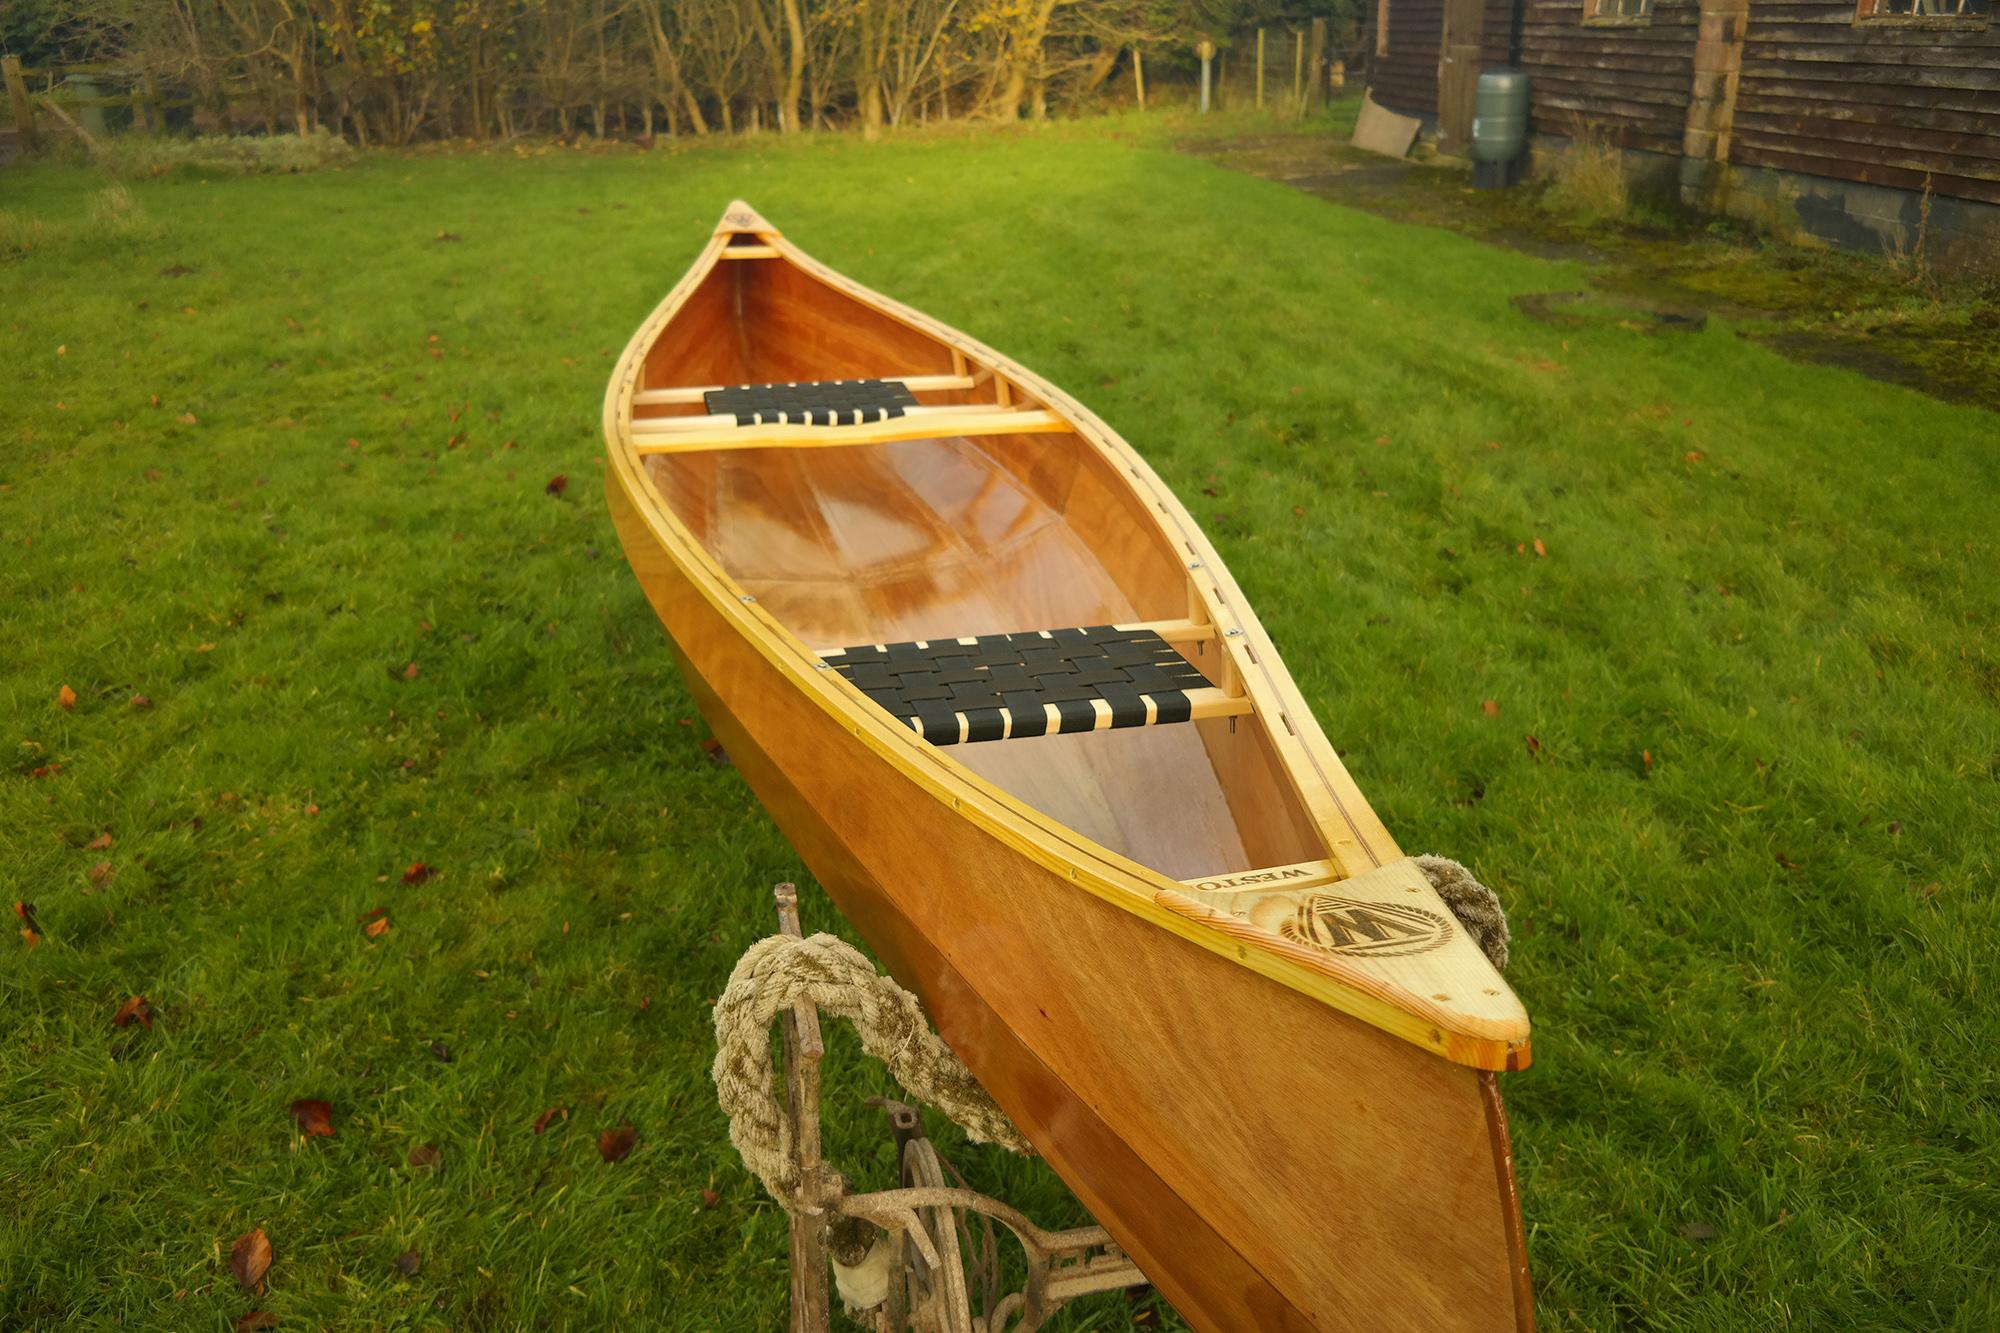 Weston Wooden Canoe 149